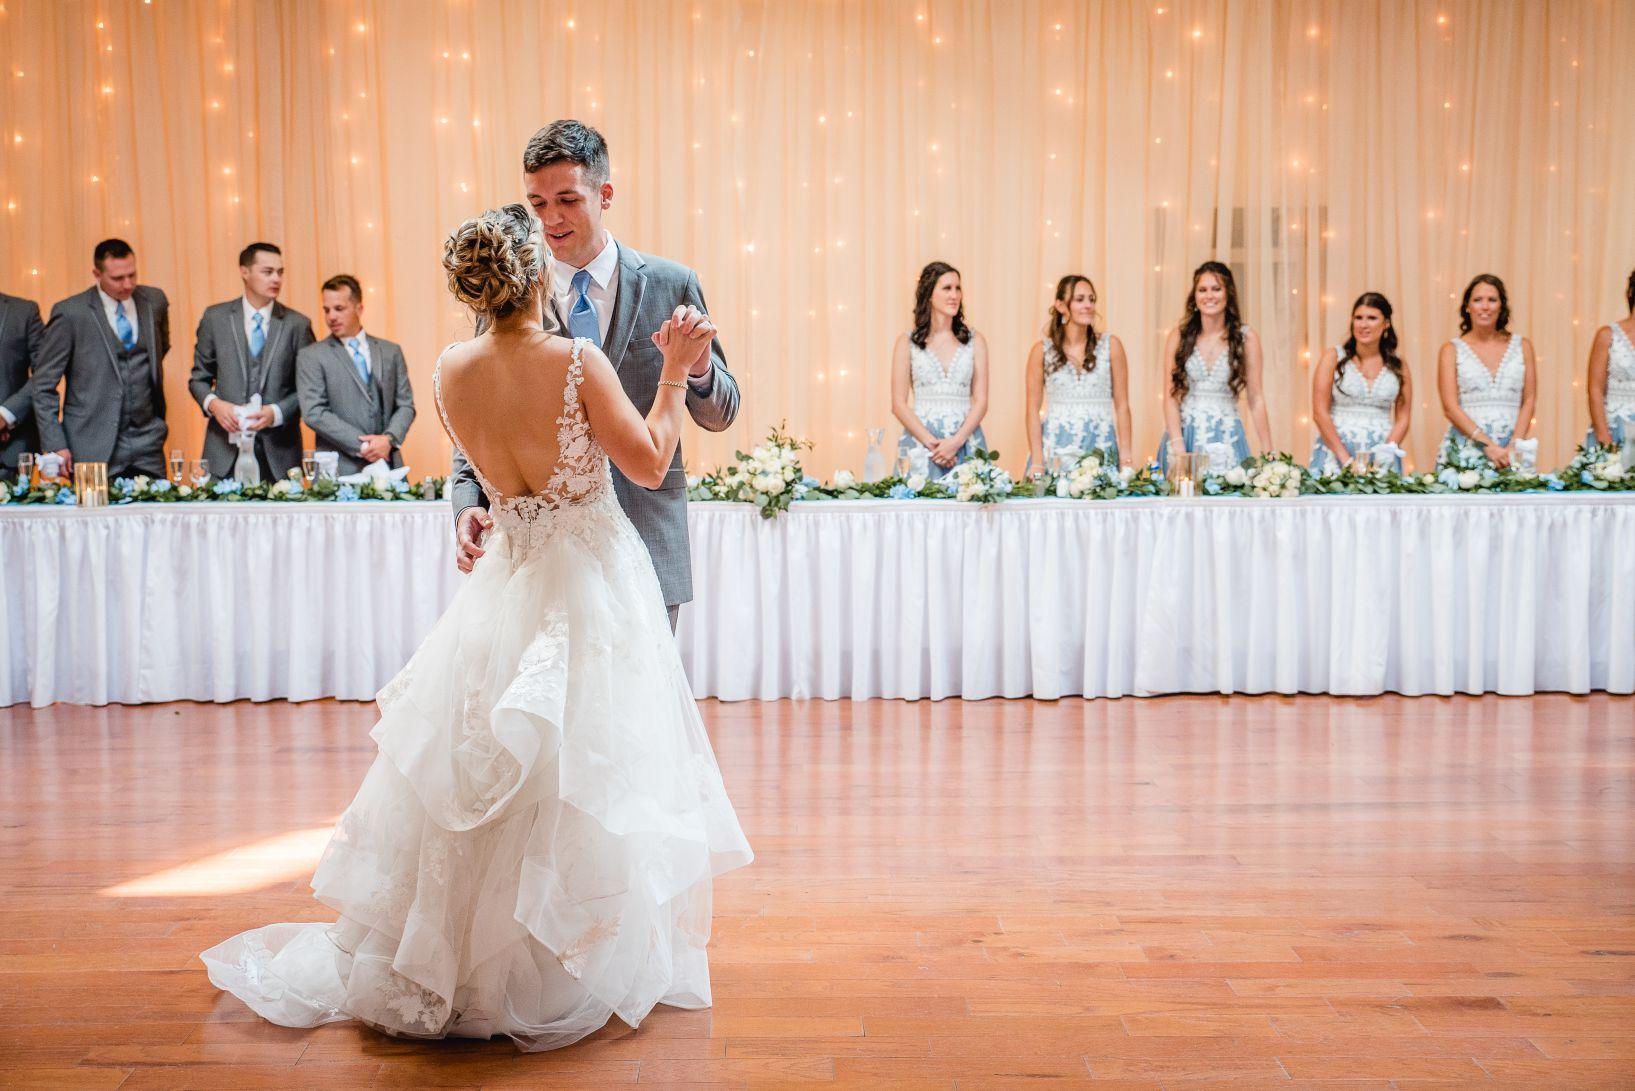 banquet room wedding dance